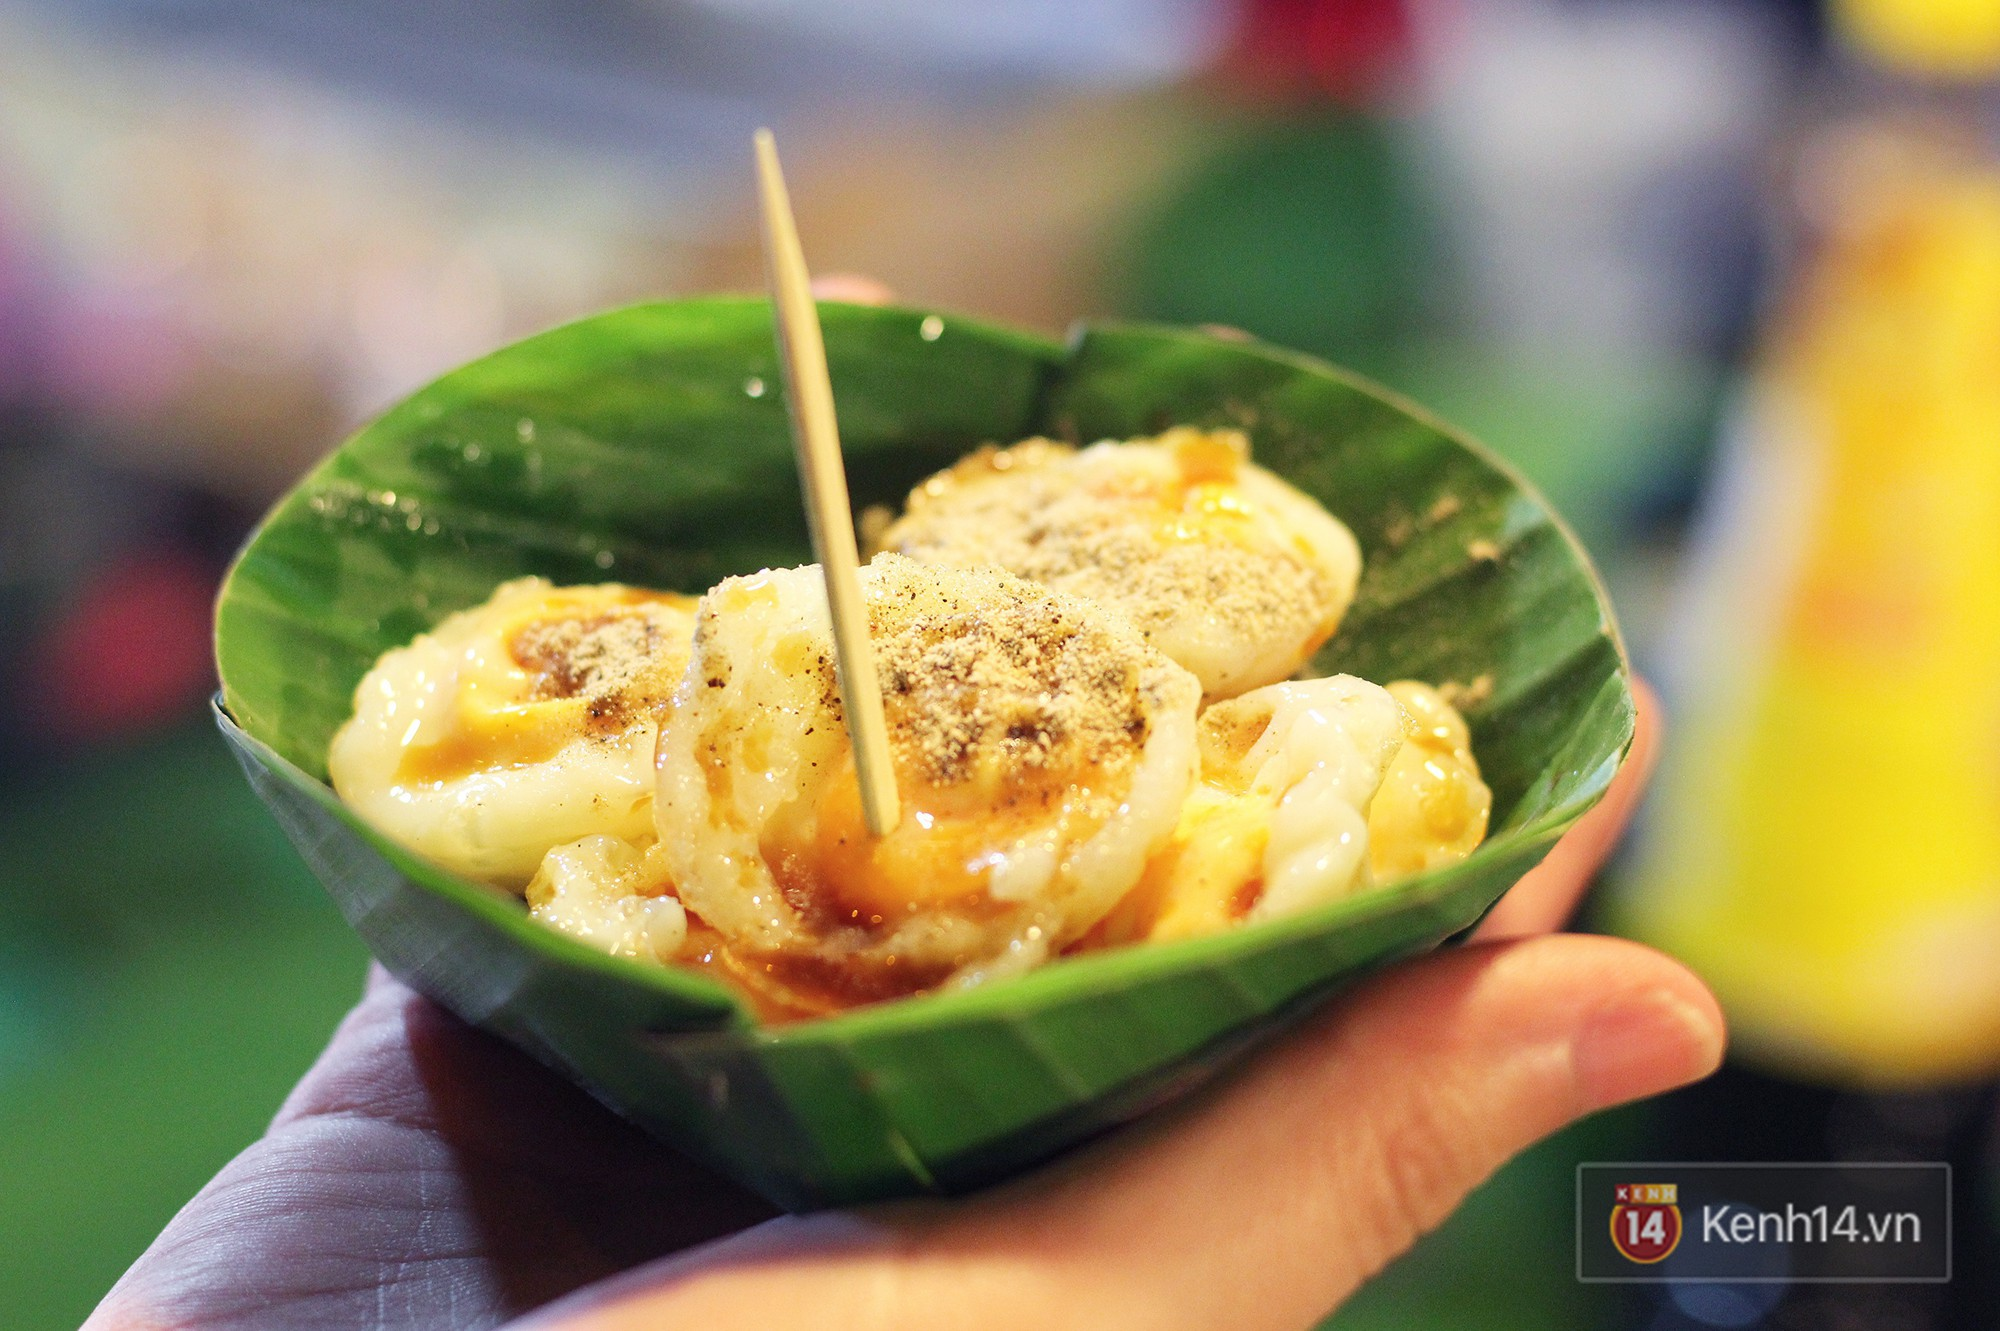 Chẳng phải Bangkok, Chiang Mai mới là điểm đến được giới trẻ Việt ghé thăm nhiều nhất mấy ngày nghỉ lễ - Ảnh 29.